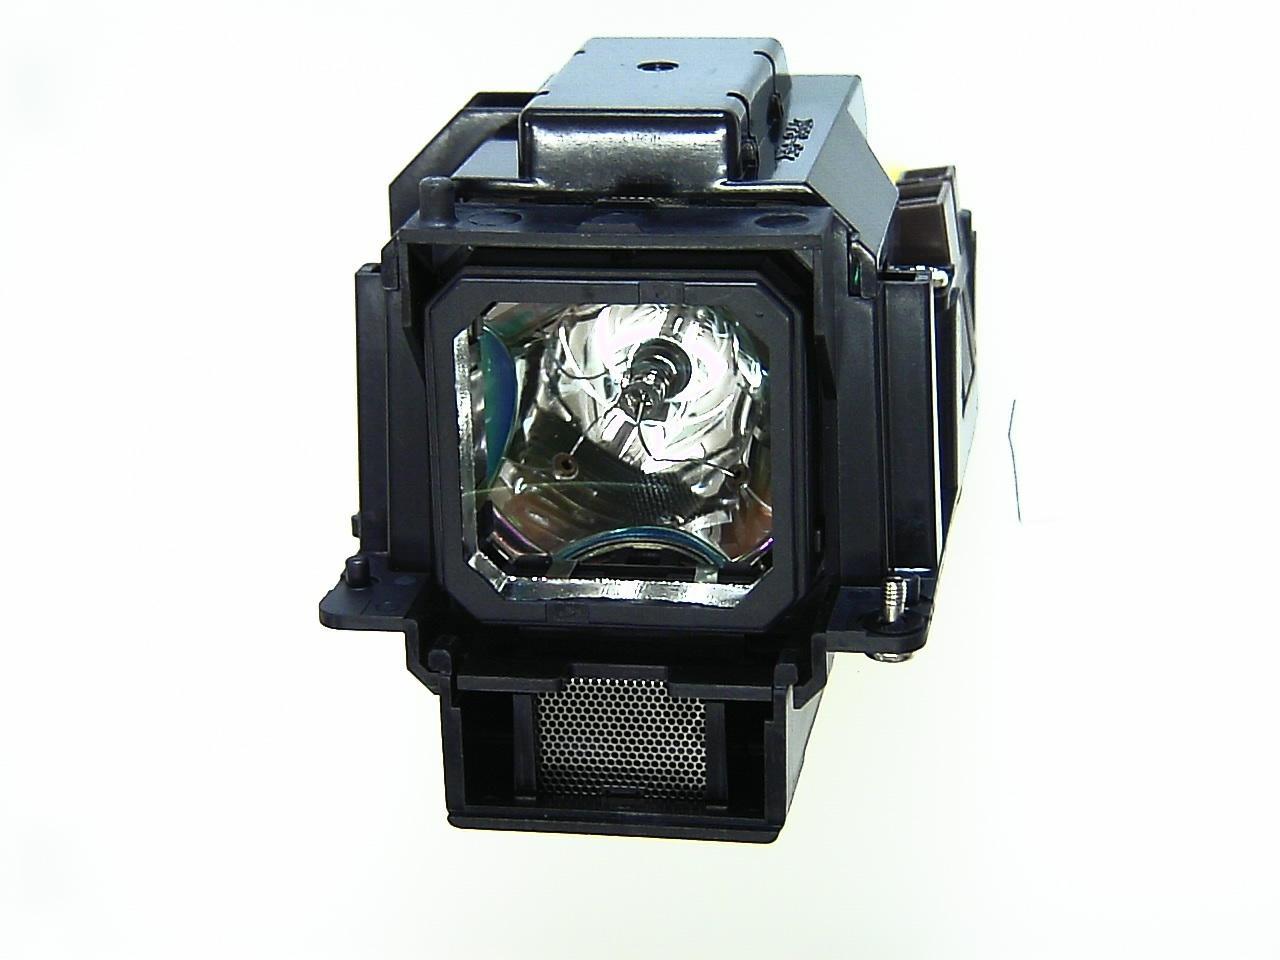 Lámpara CANON LV-7240